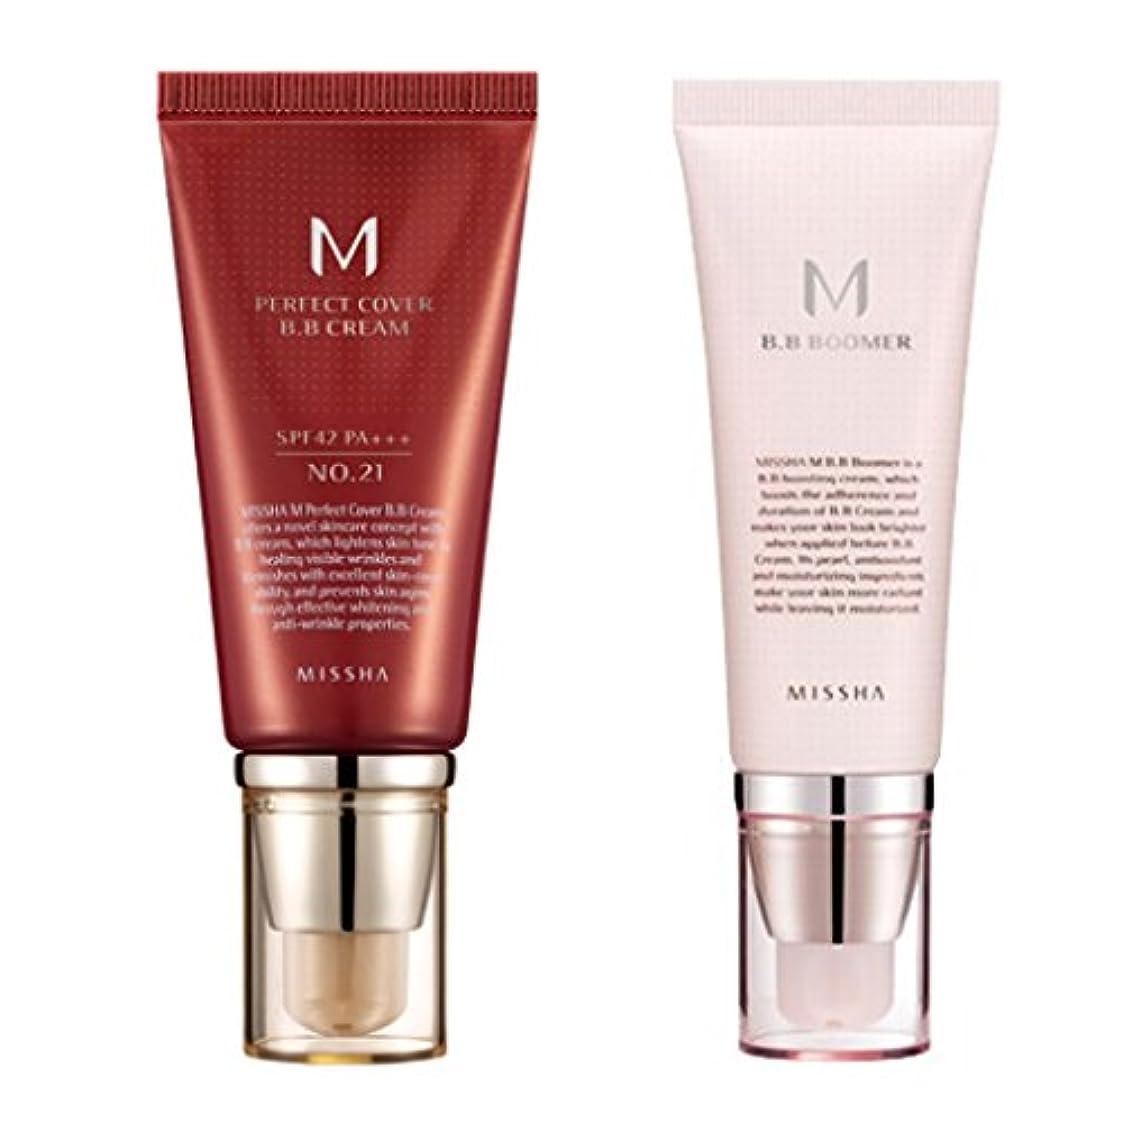 ミシャ(MISSHA) M パーフェクトカバー BBクリーム 21号(ライトベージュ)+M BBブーマー